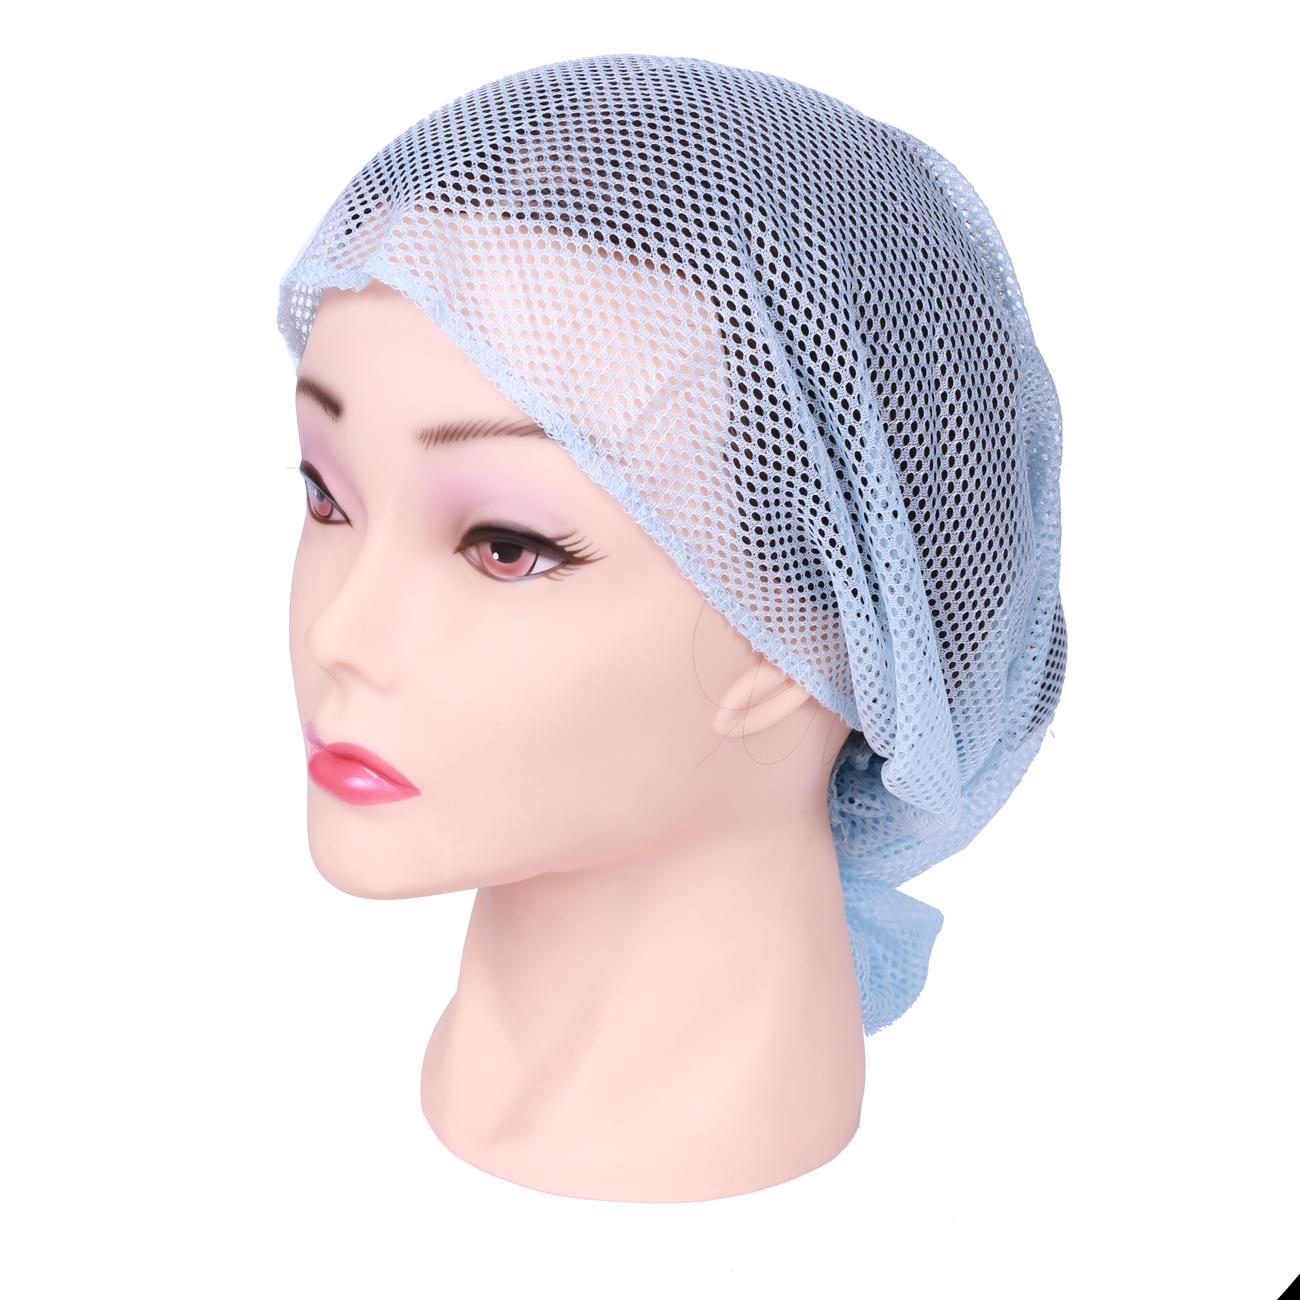 SIBEL Сеточка-косынка для бигуди средняя, голубая